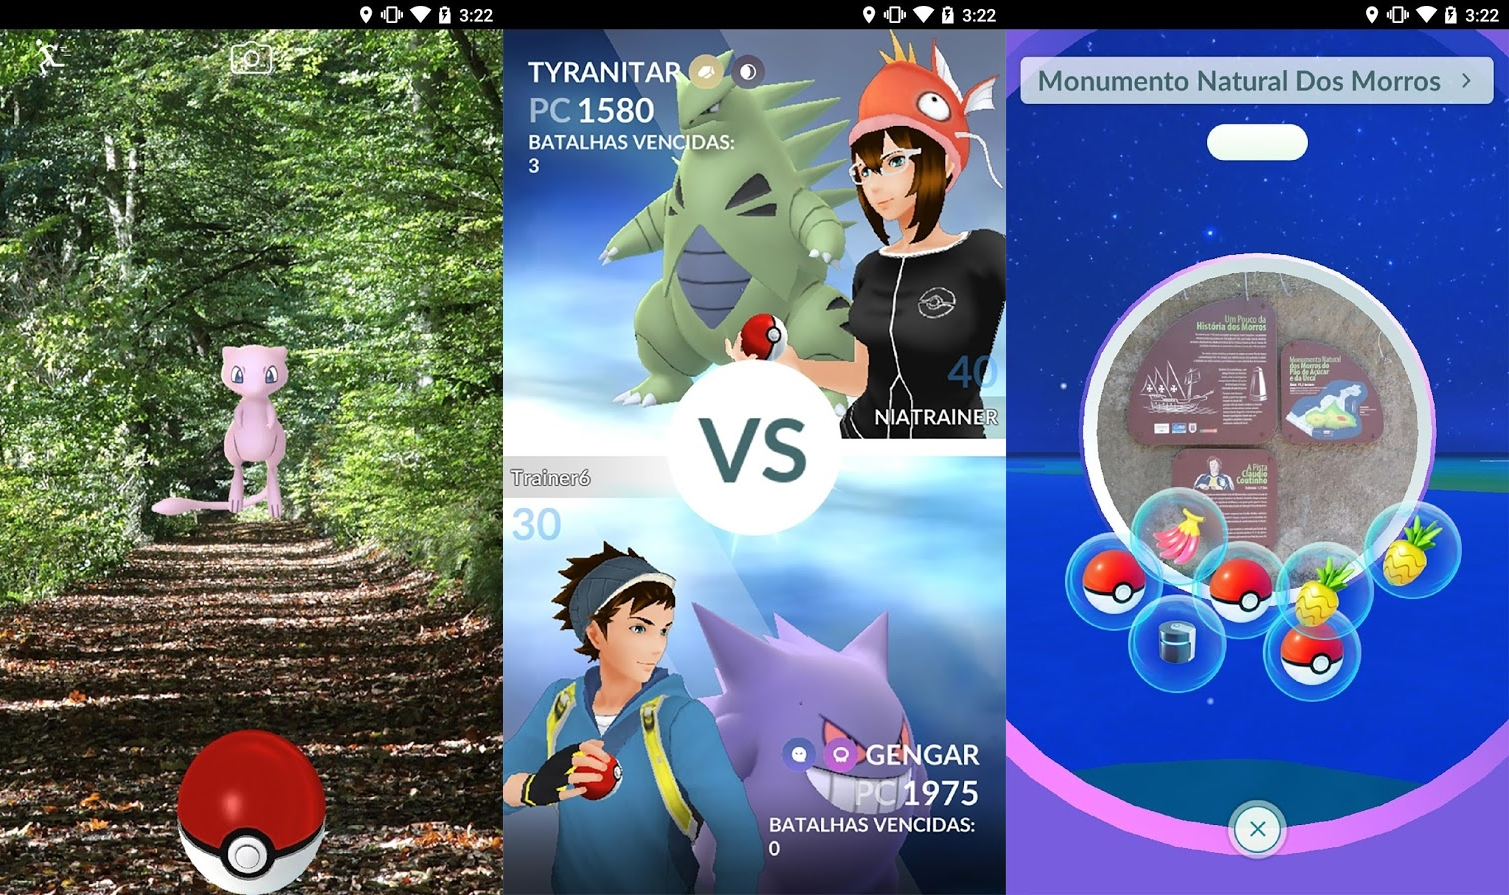 Os 10 melhores jogos do momento para o Android